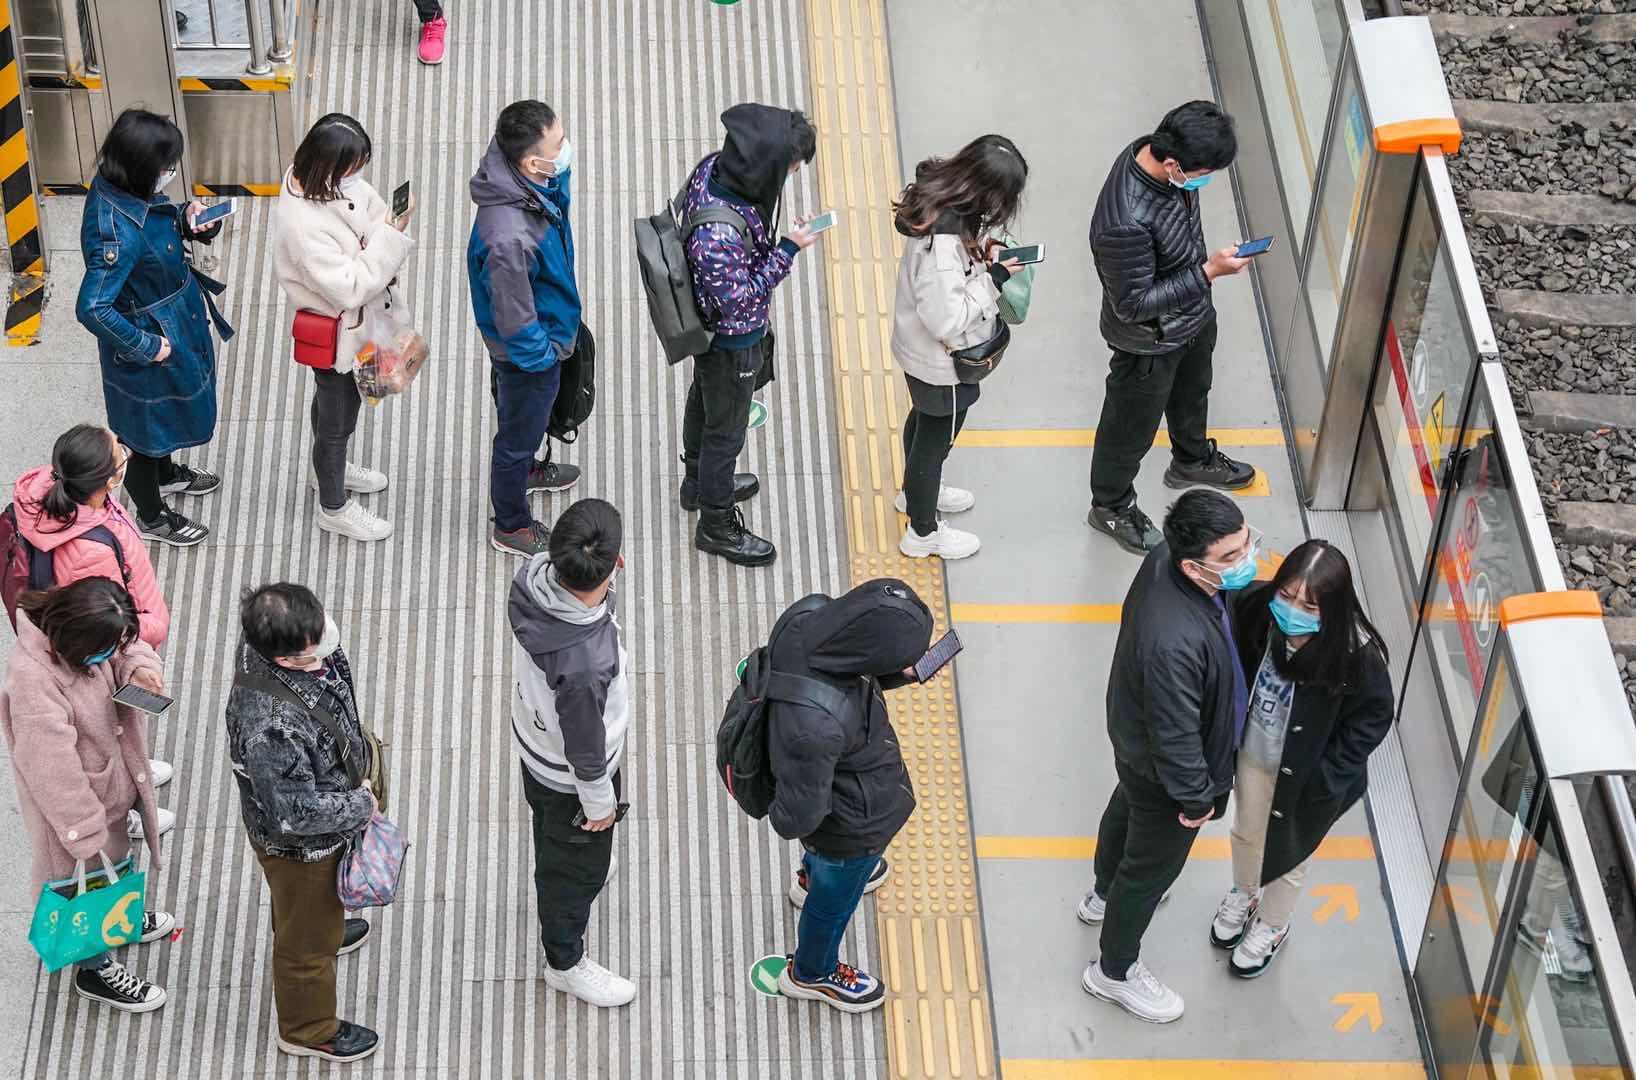 实拍今晨北京西二旗地铁站,人来人往中乘客自觉拉开间隔